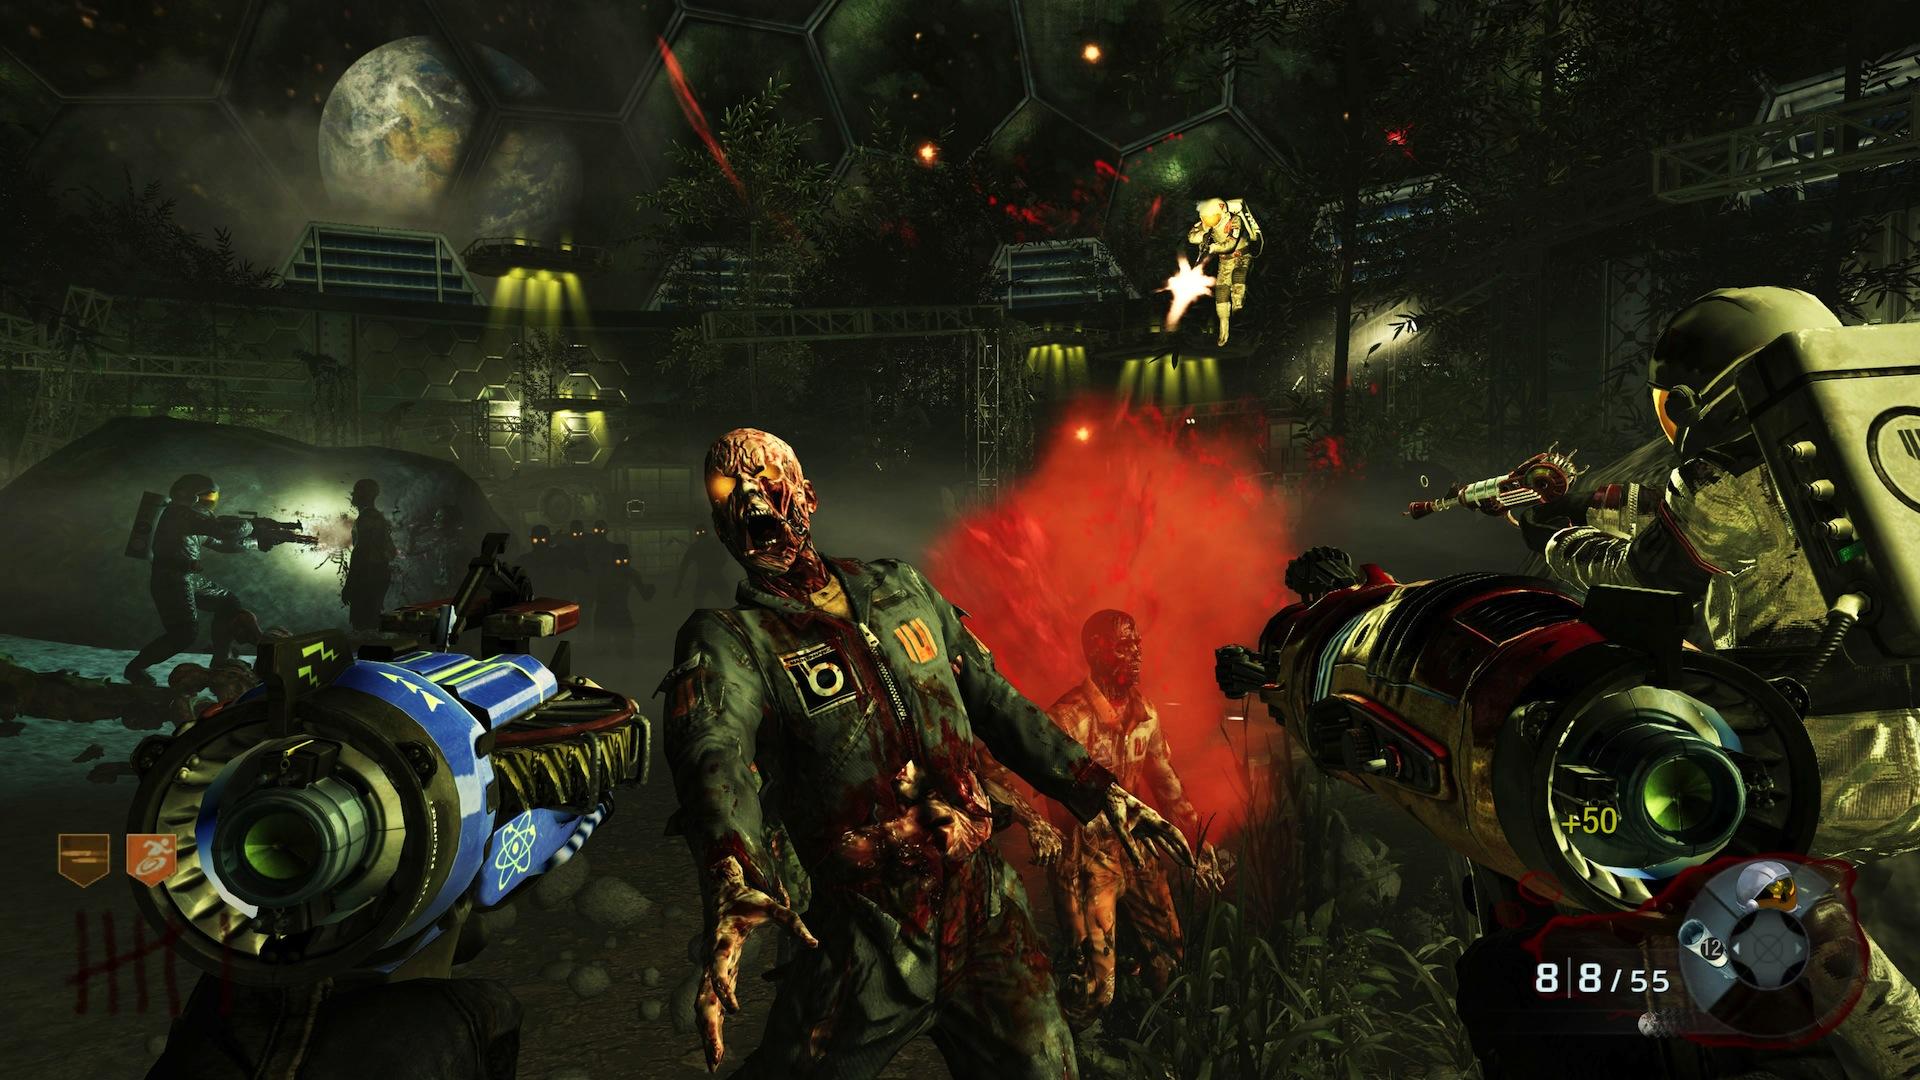 Call of Duty Black Ops 3 Zombies leak della storia e delle mappe 1920x1080